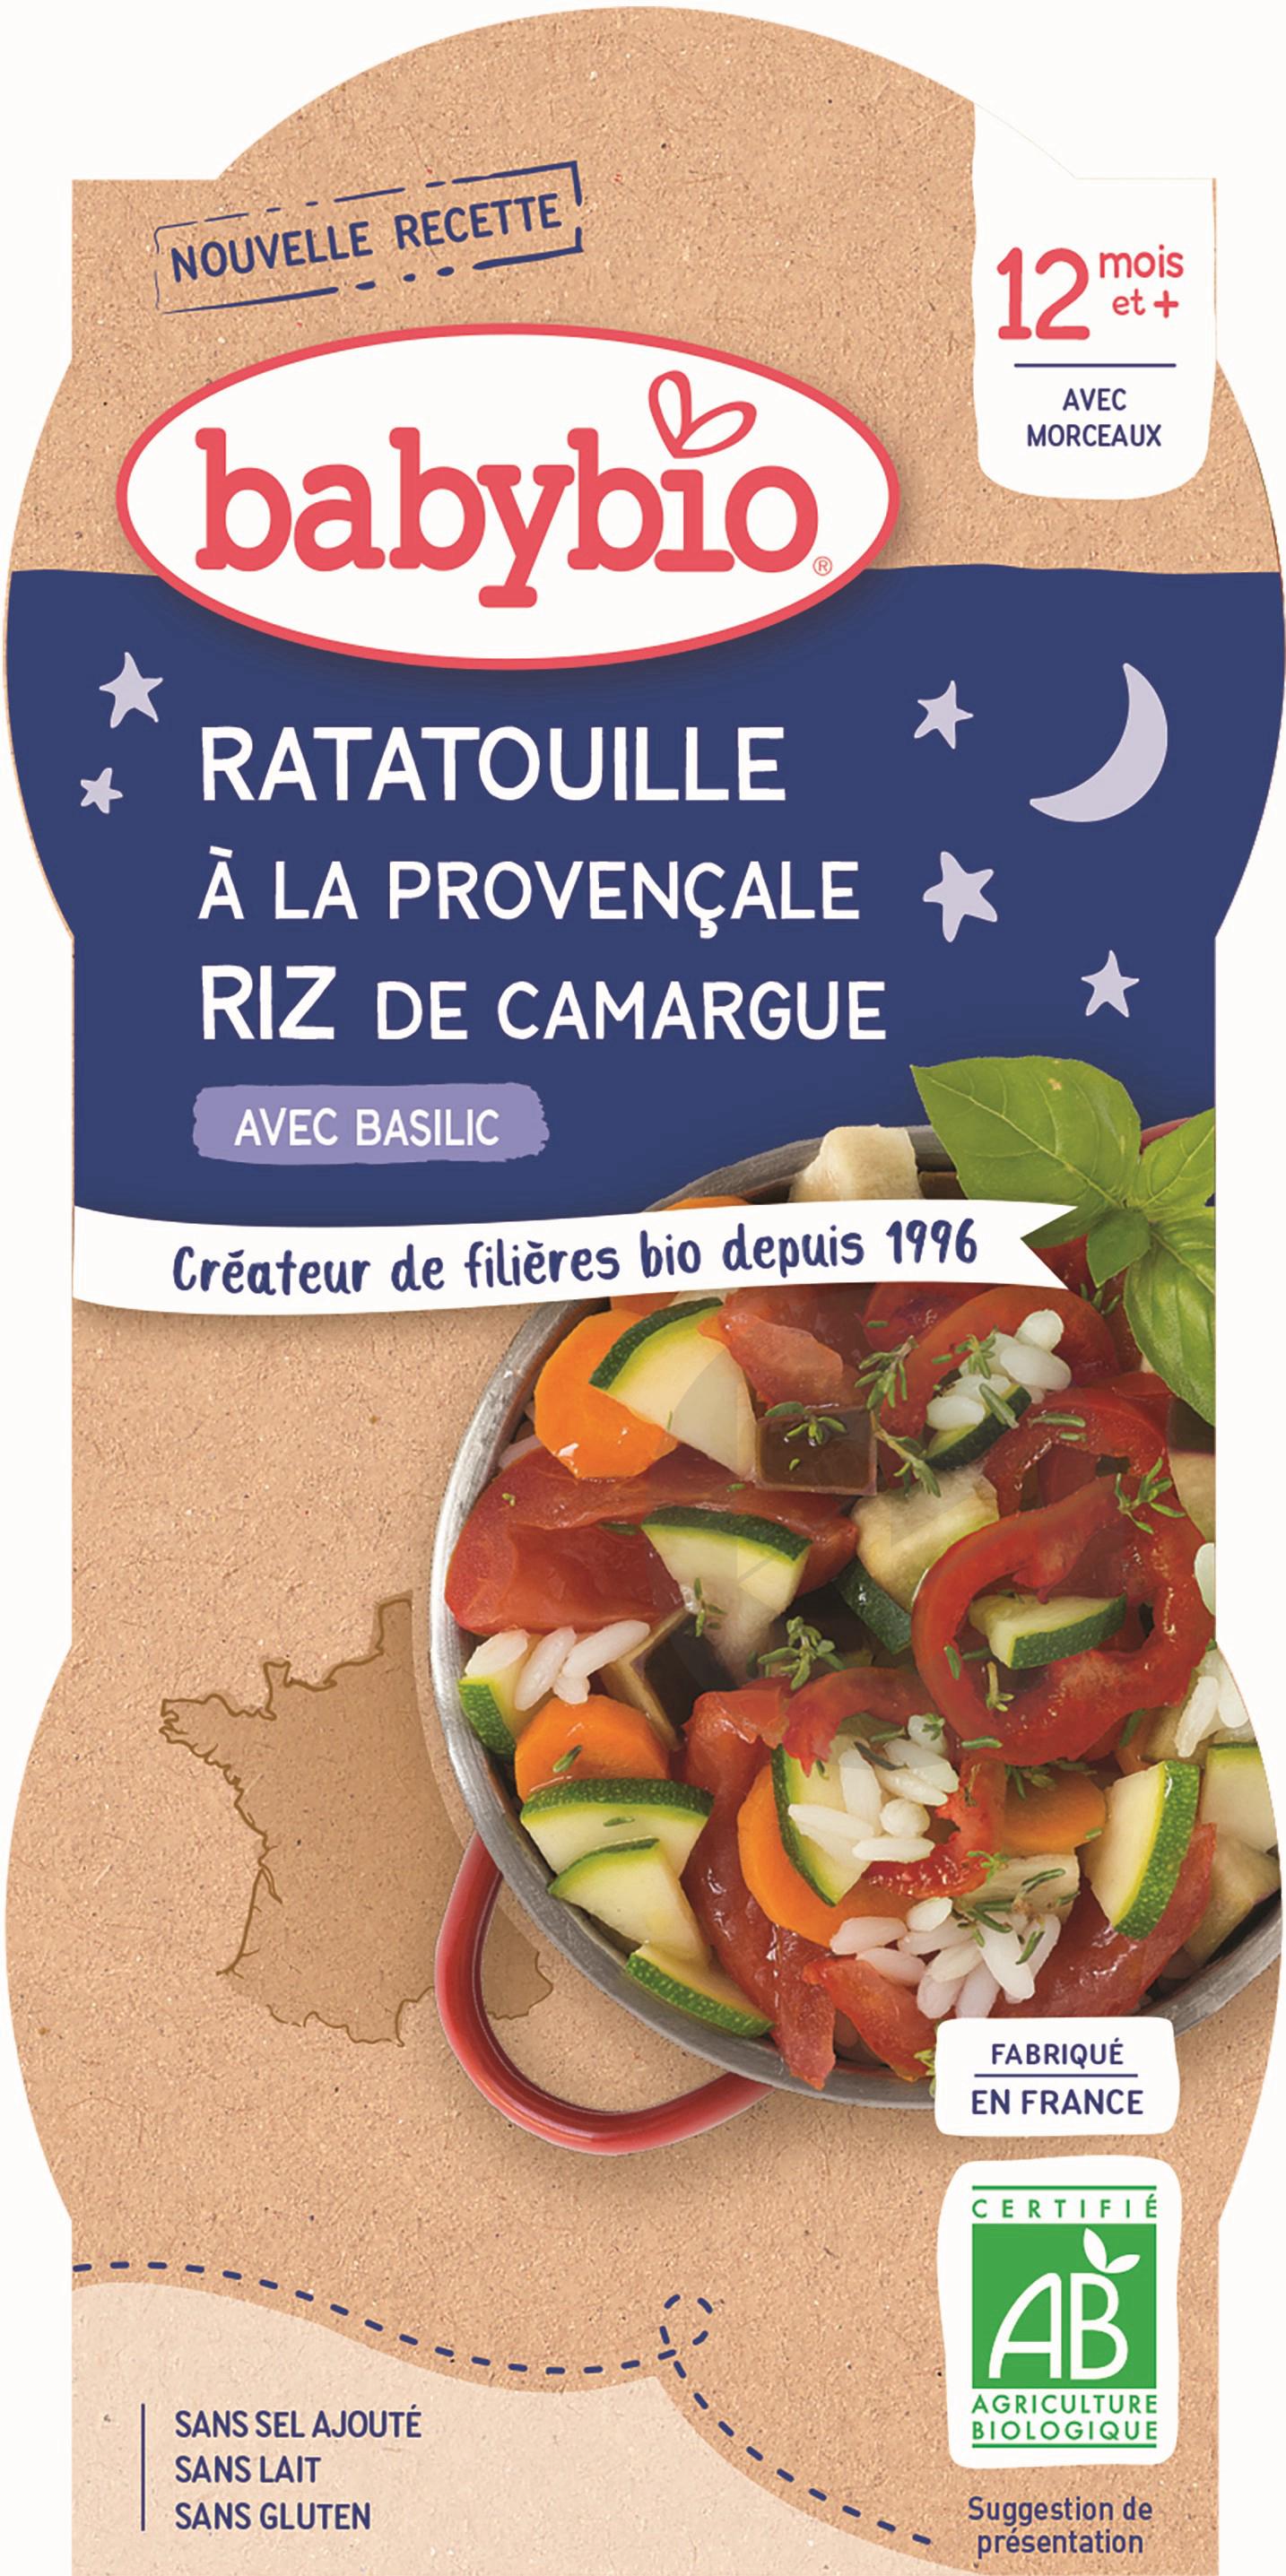 BABYBIO Bol Bonne Nuit Ratatouille Riz